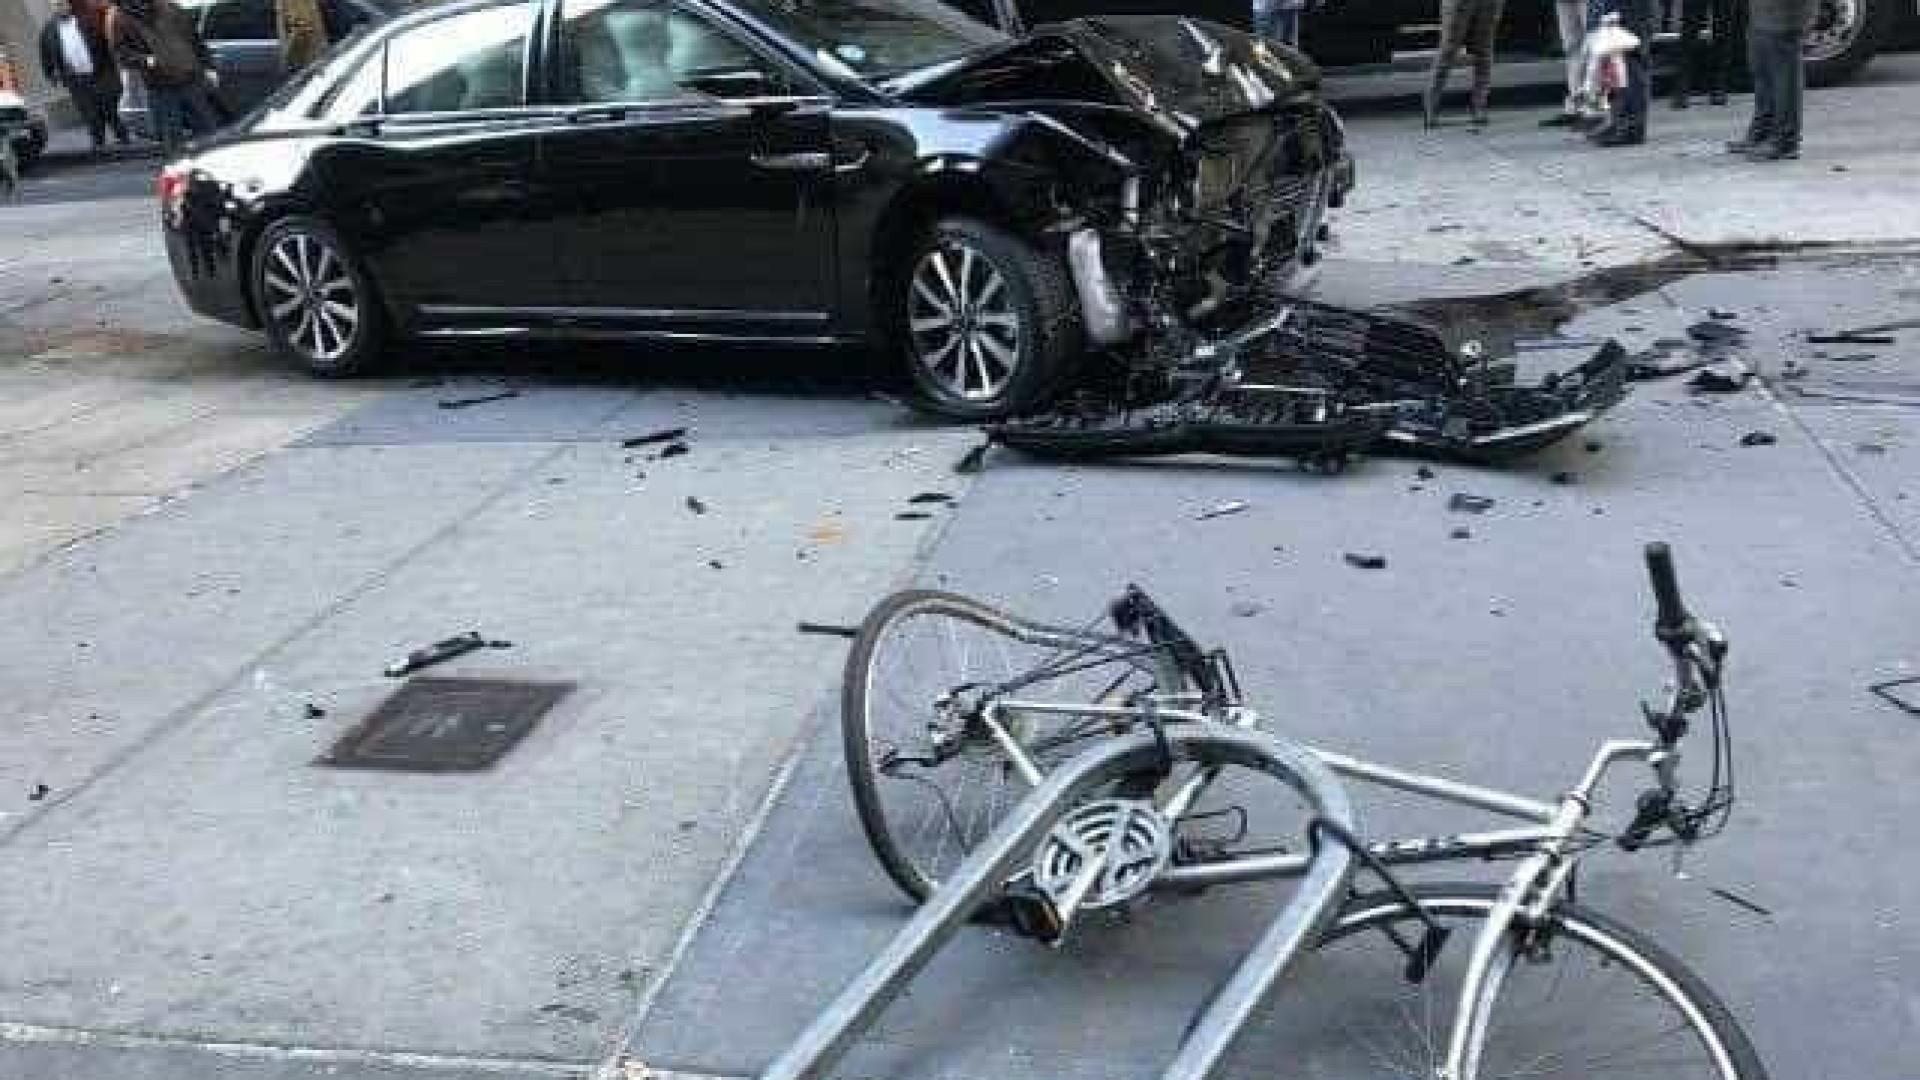 Carro galgou passeio e atropelou três pessoas em Manhattan